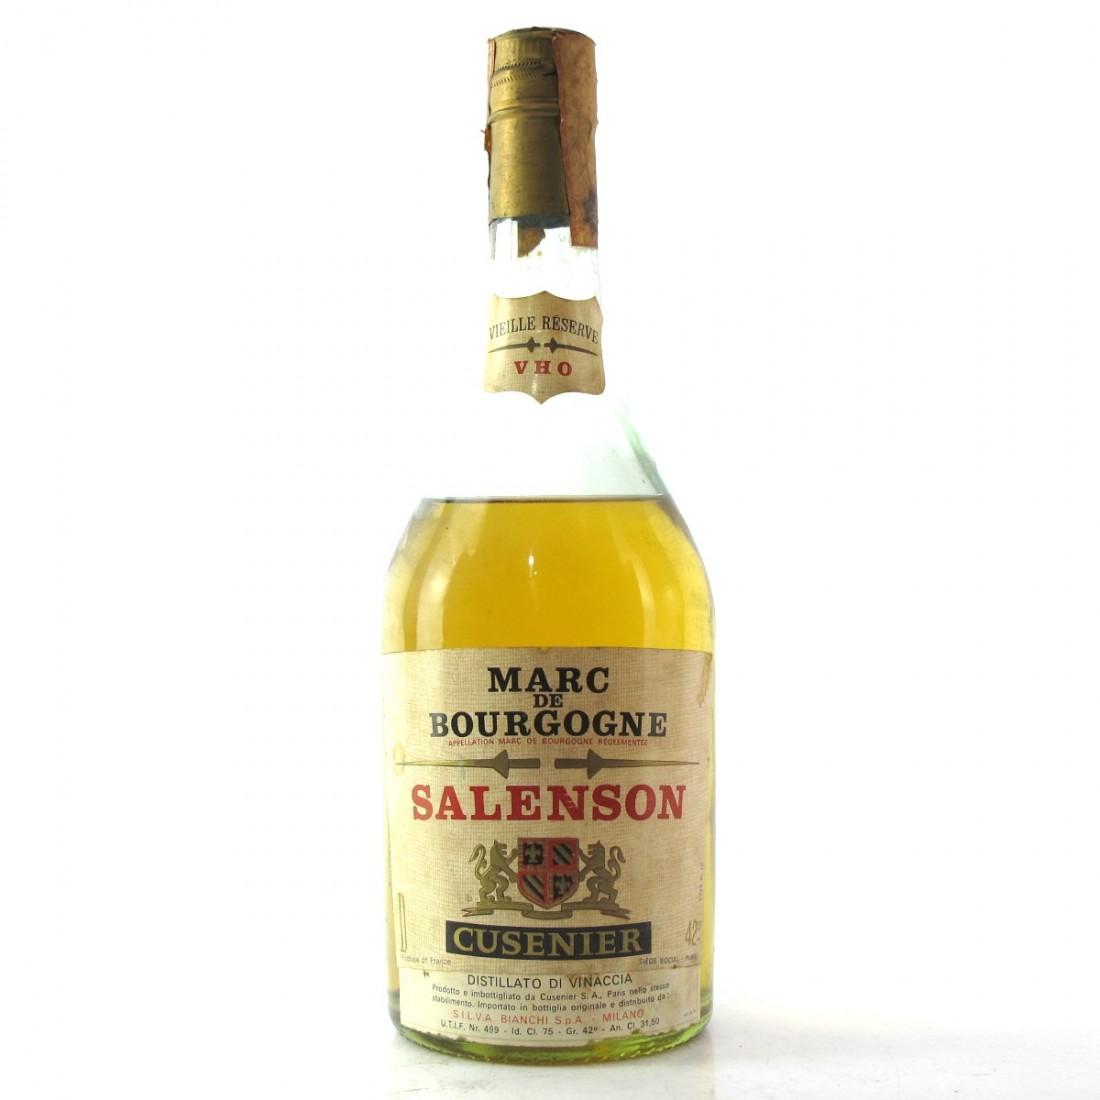 Marc de Bourgogne Salenson Cusenier 1960s